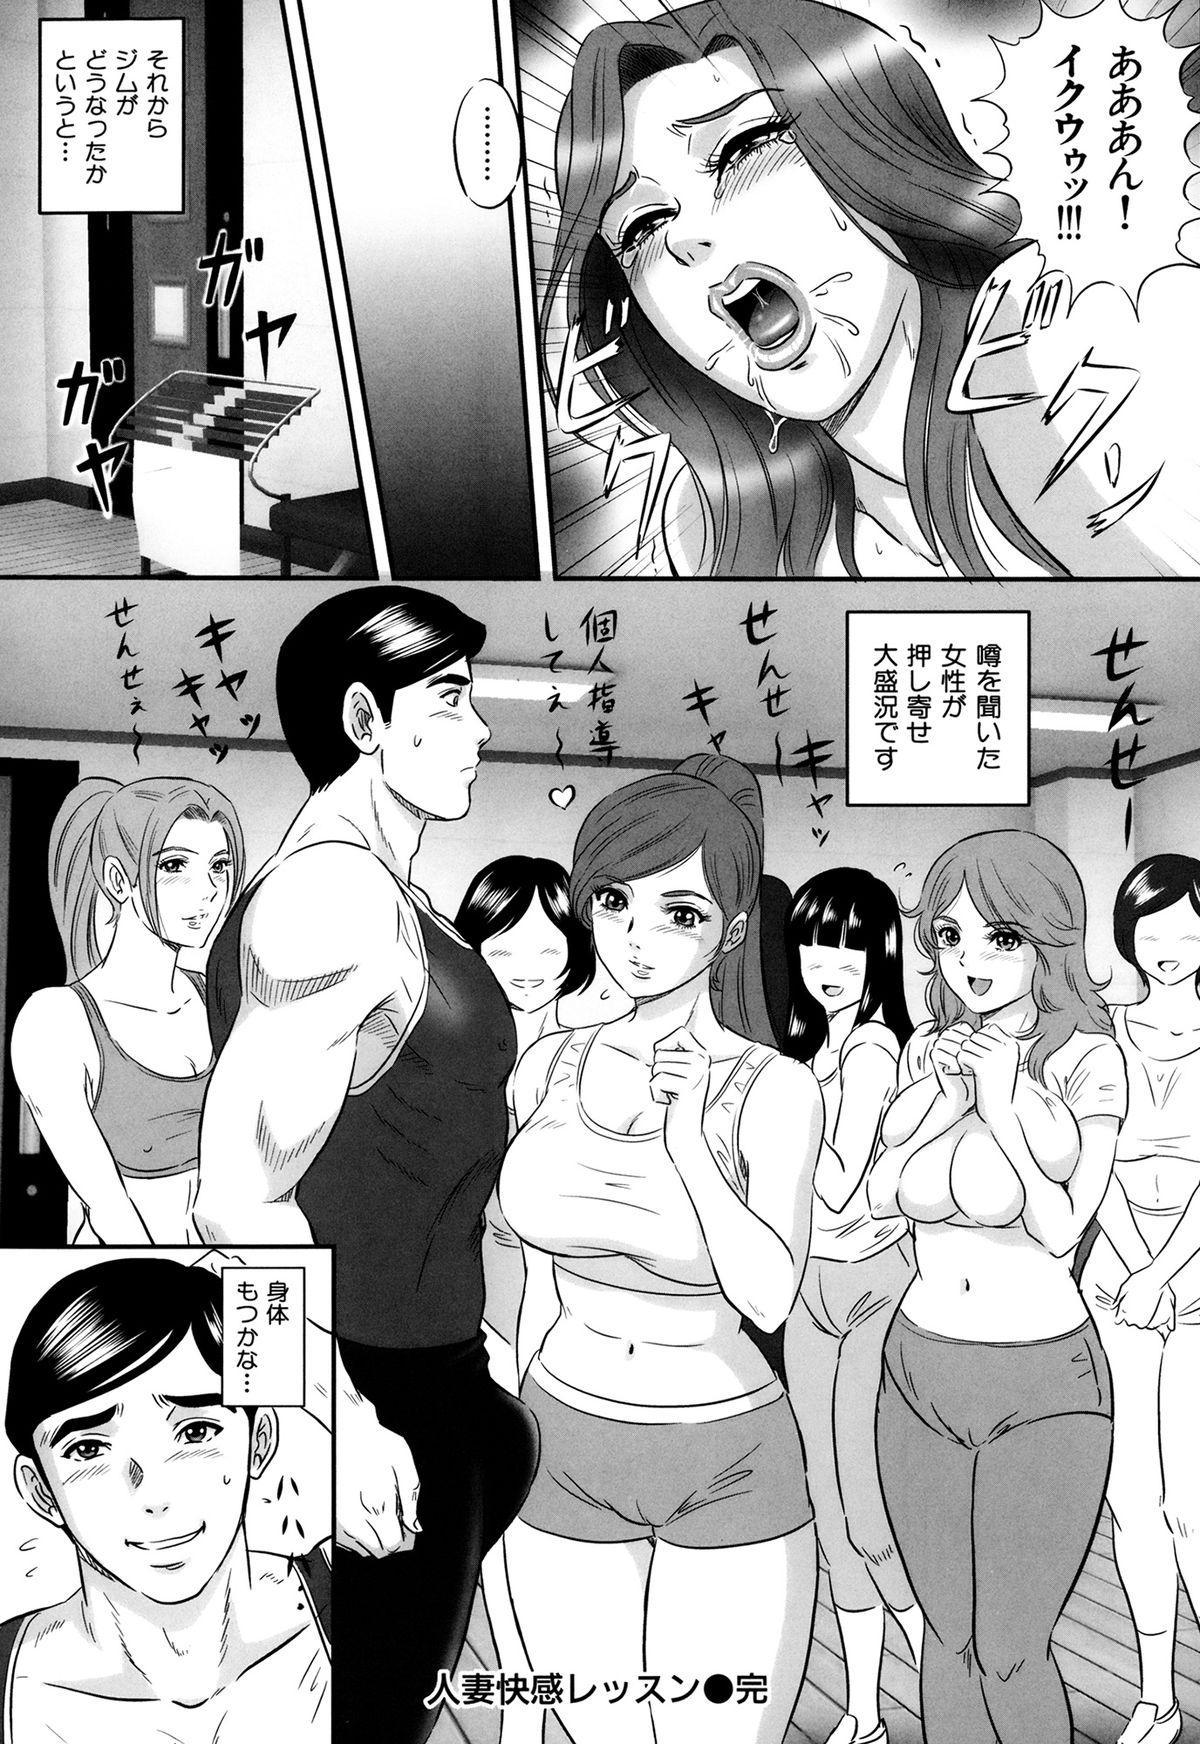 Ijimete Hoshiino 202